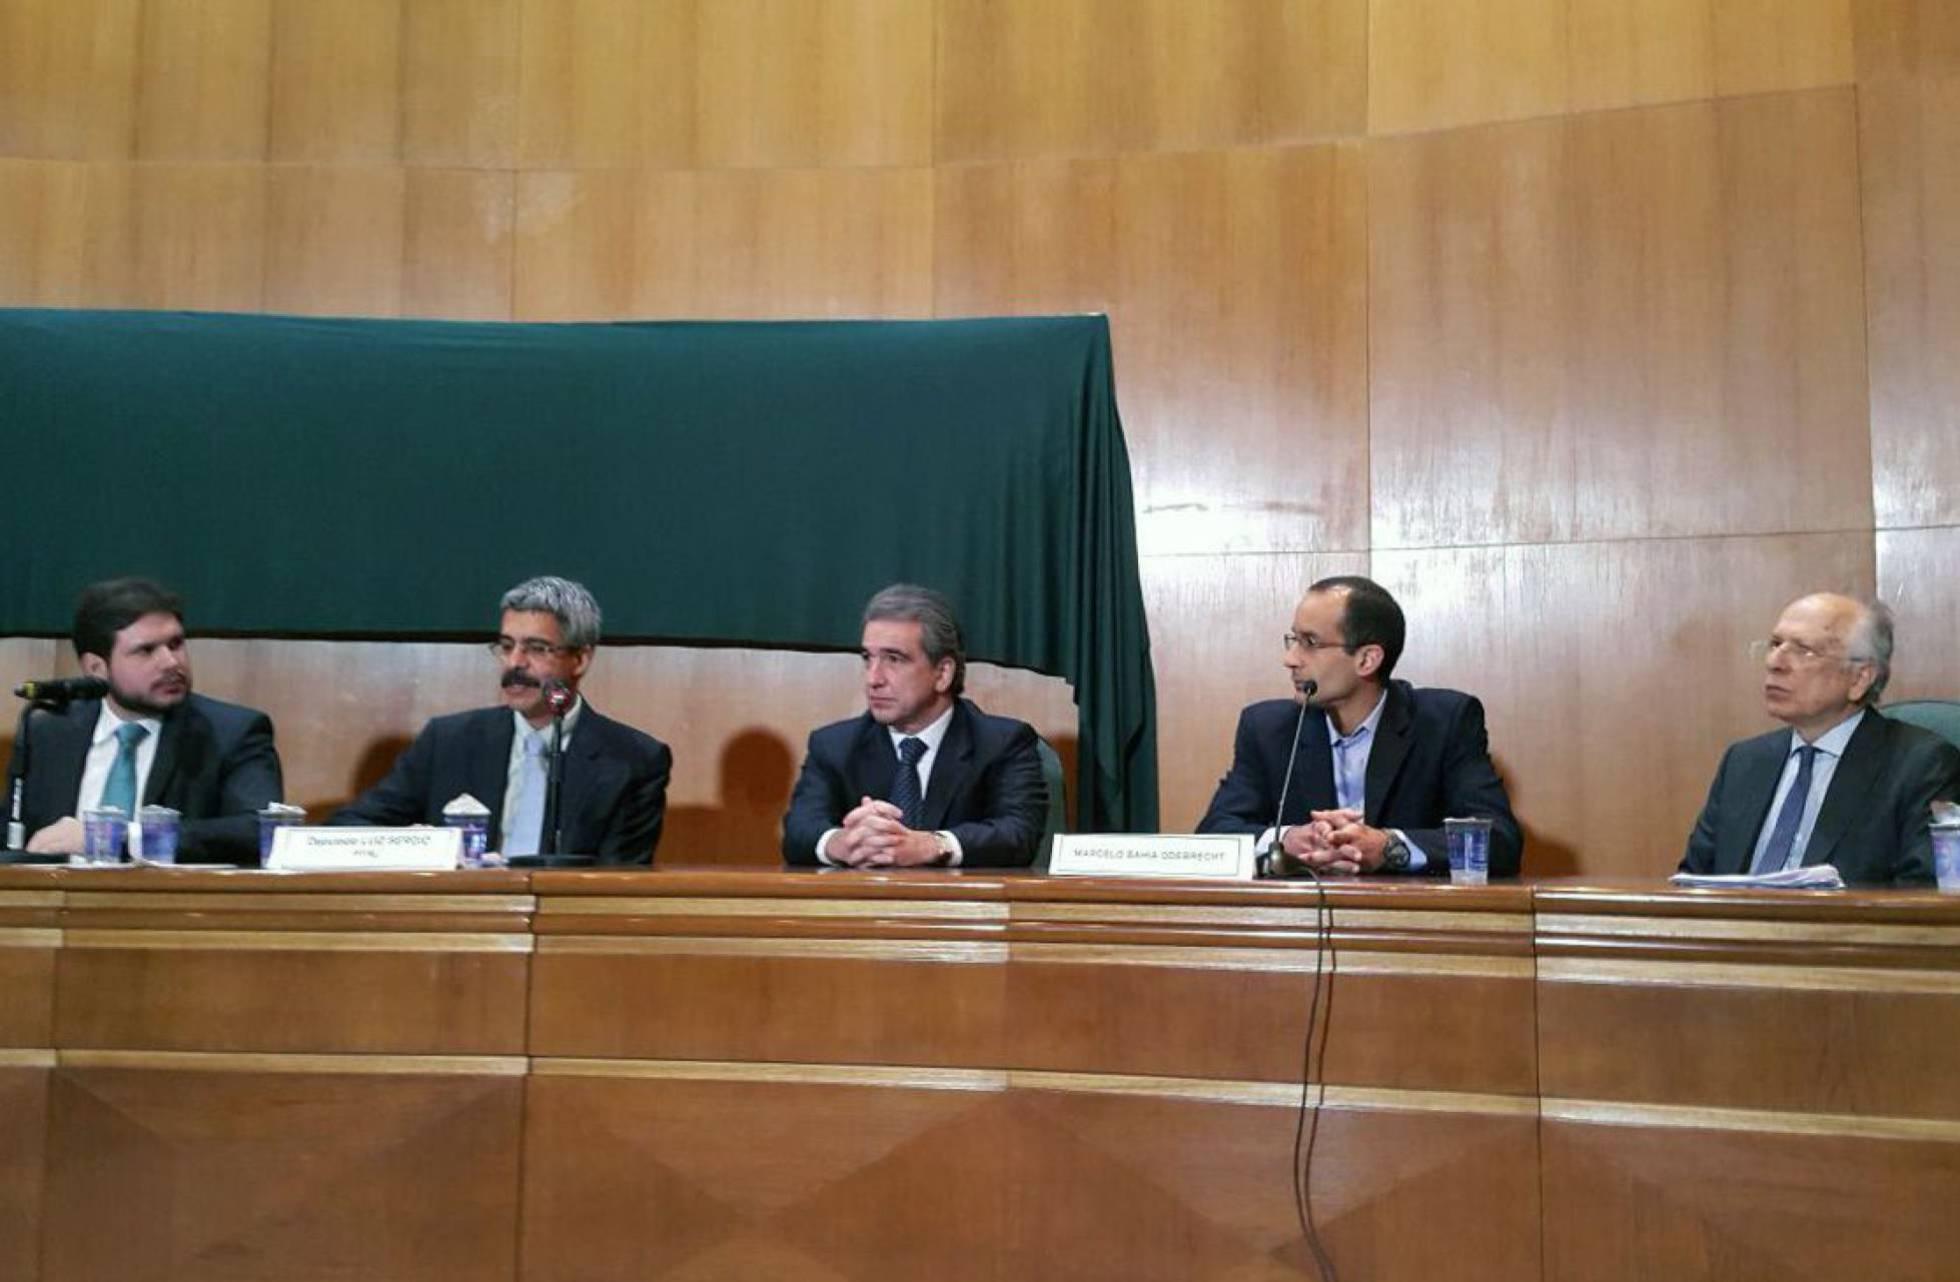 La Comisión Parlamentaria de Investigación del caso Petrobras. LUIZ MEDEIROS